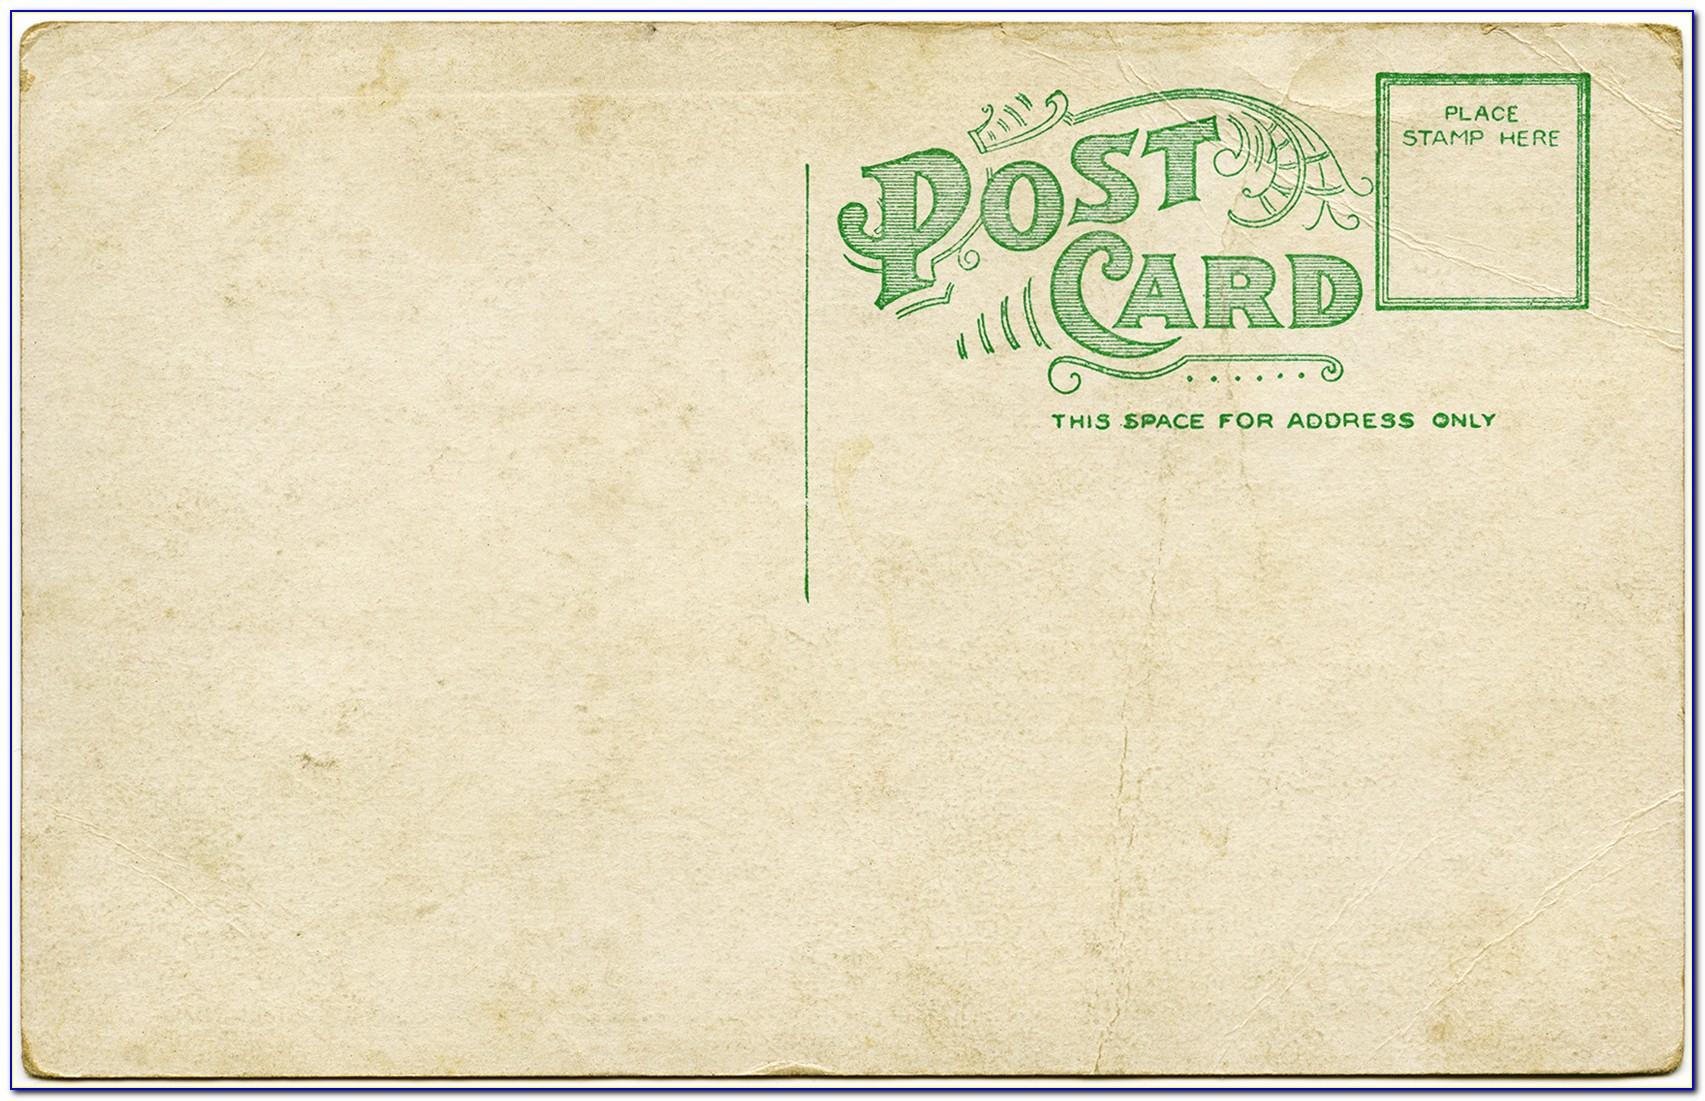 Vintage Postcard Template Illustrator